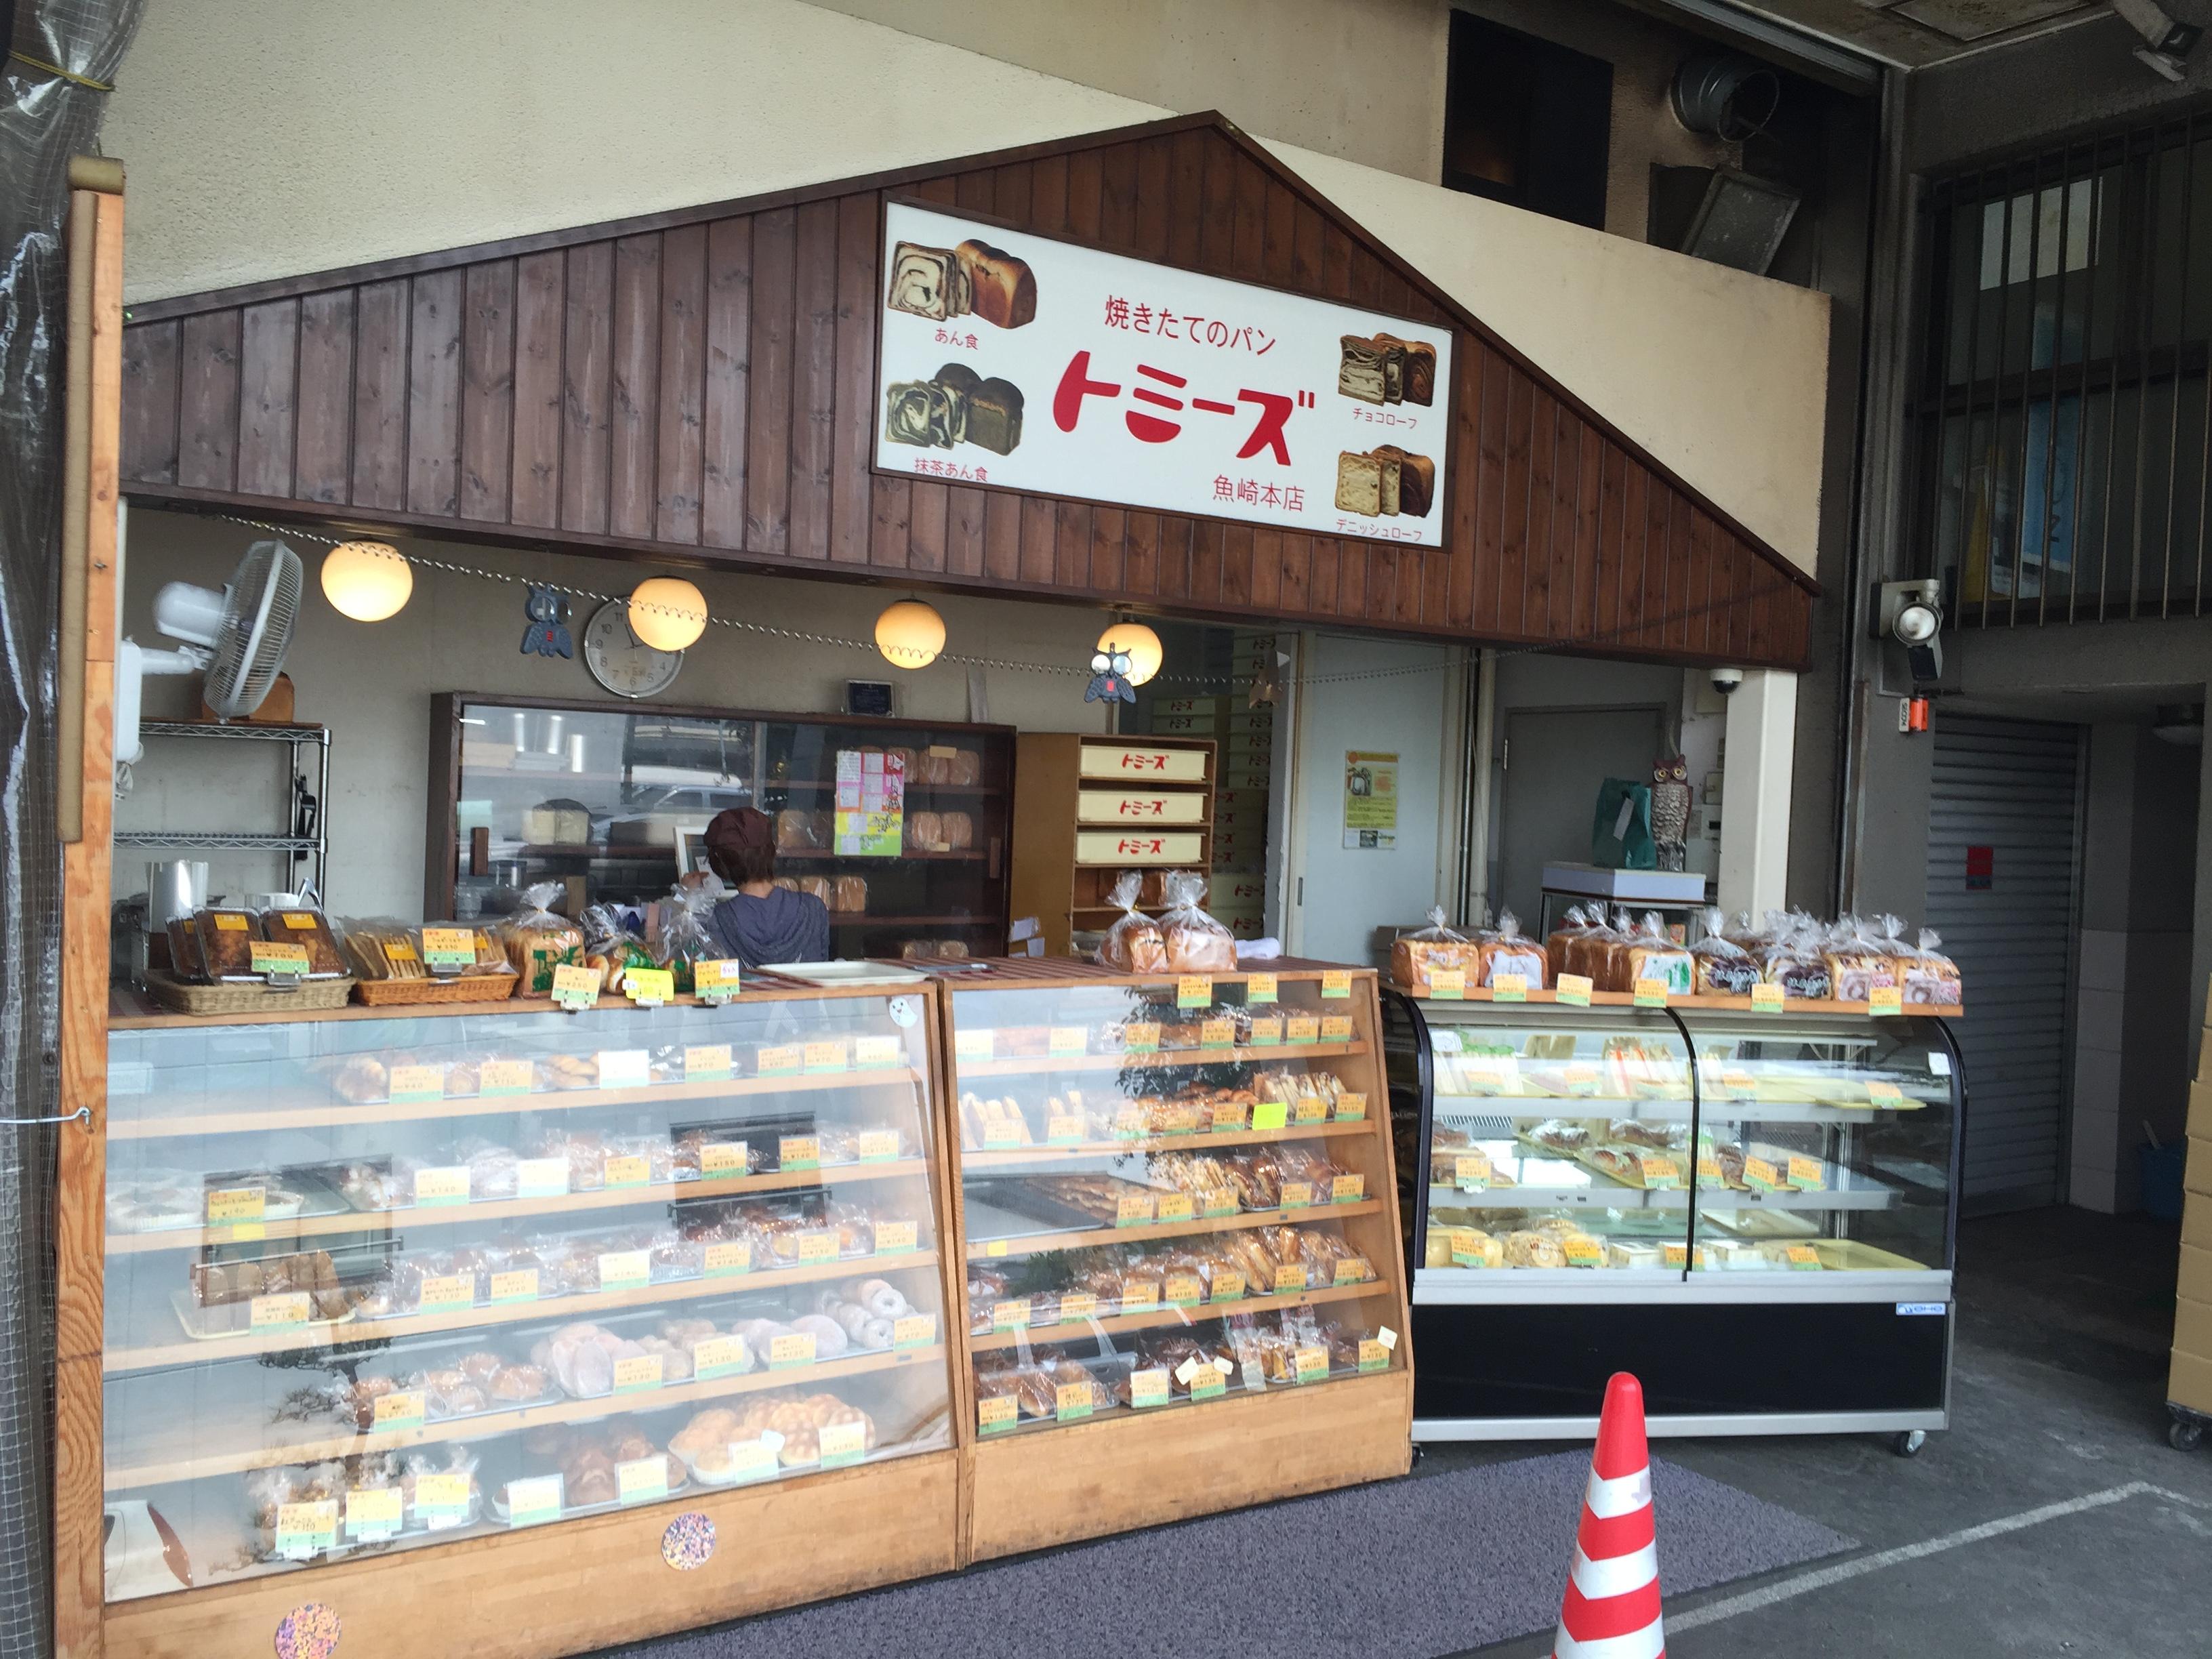 神戸・魚崎南でトミーズ本店を見つけたよ